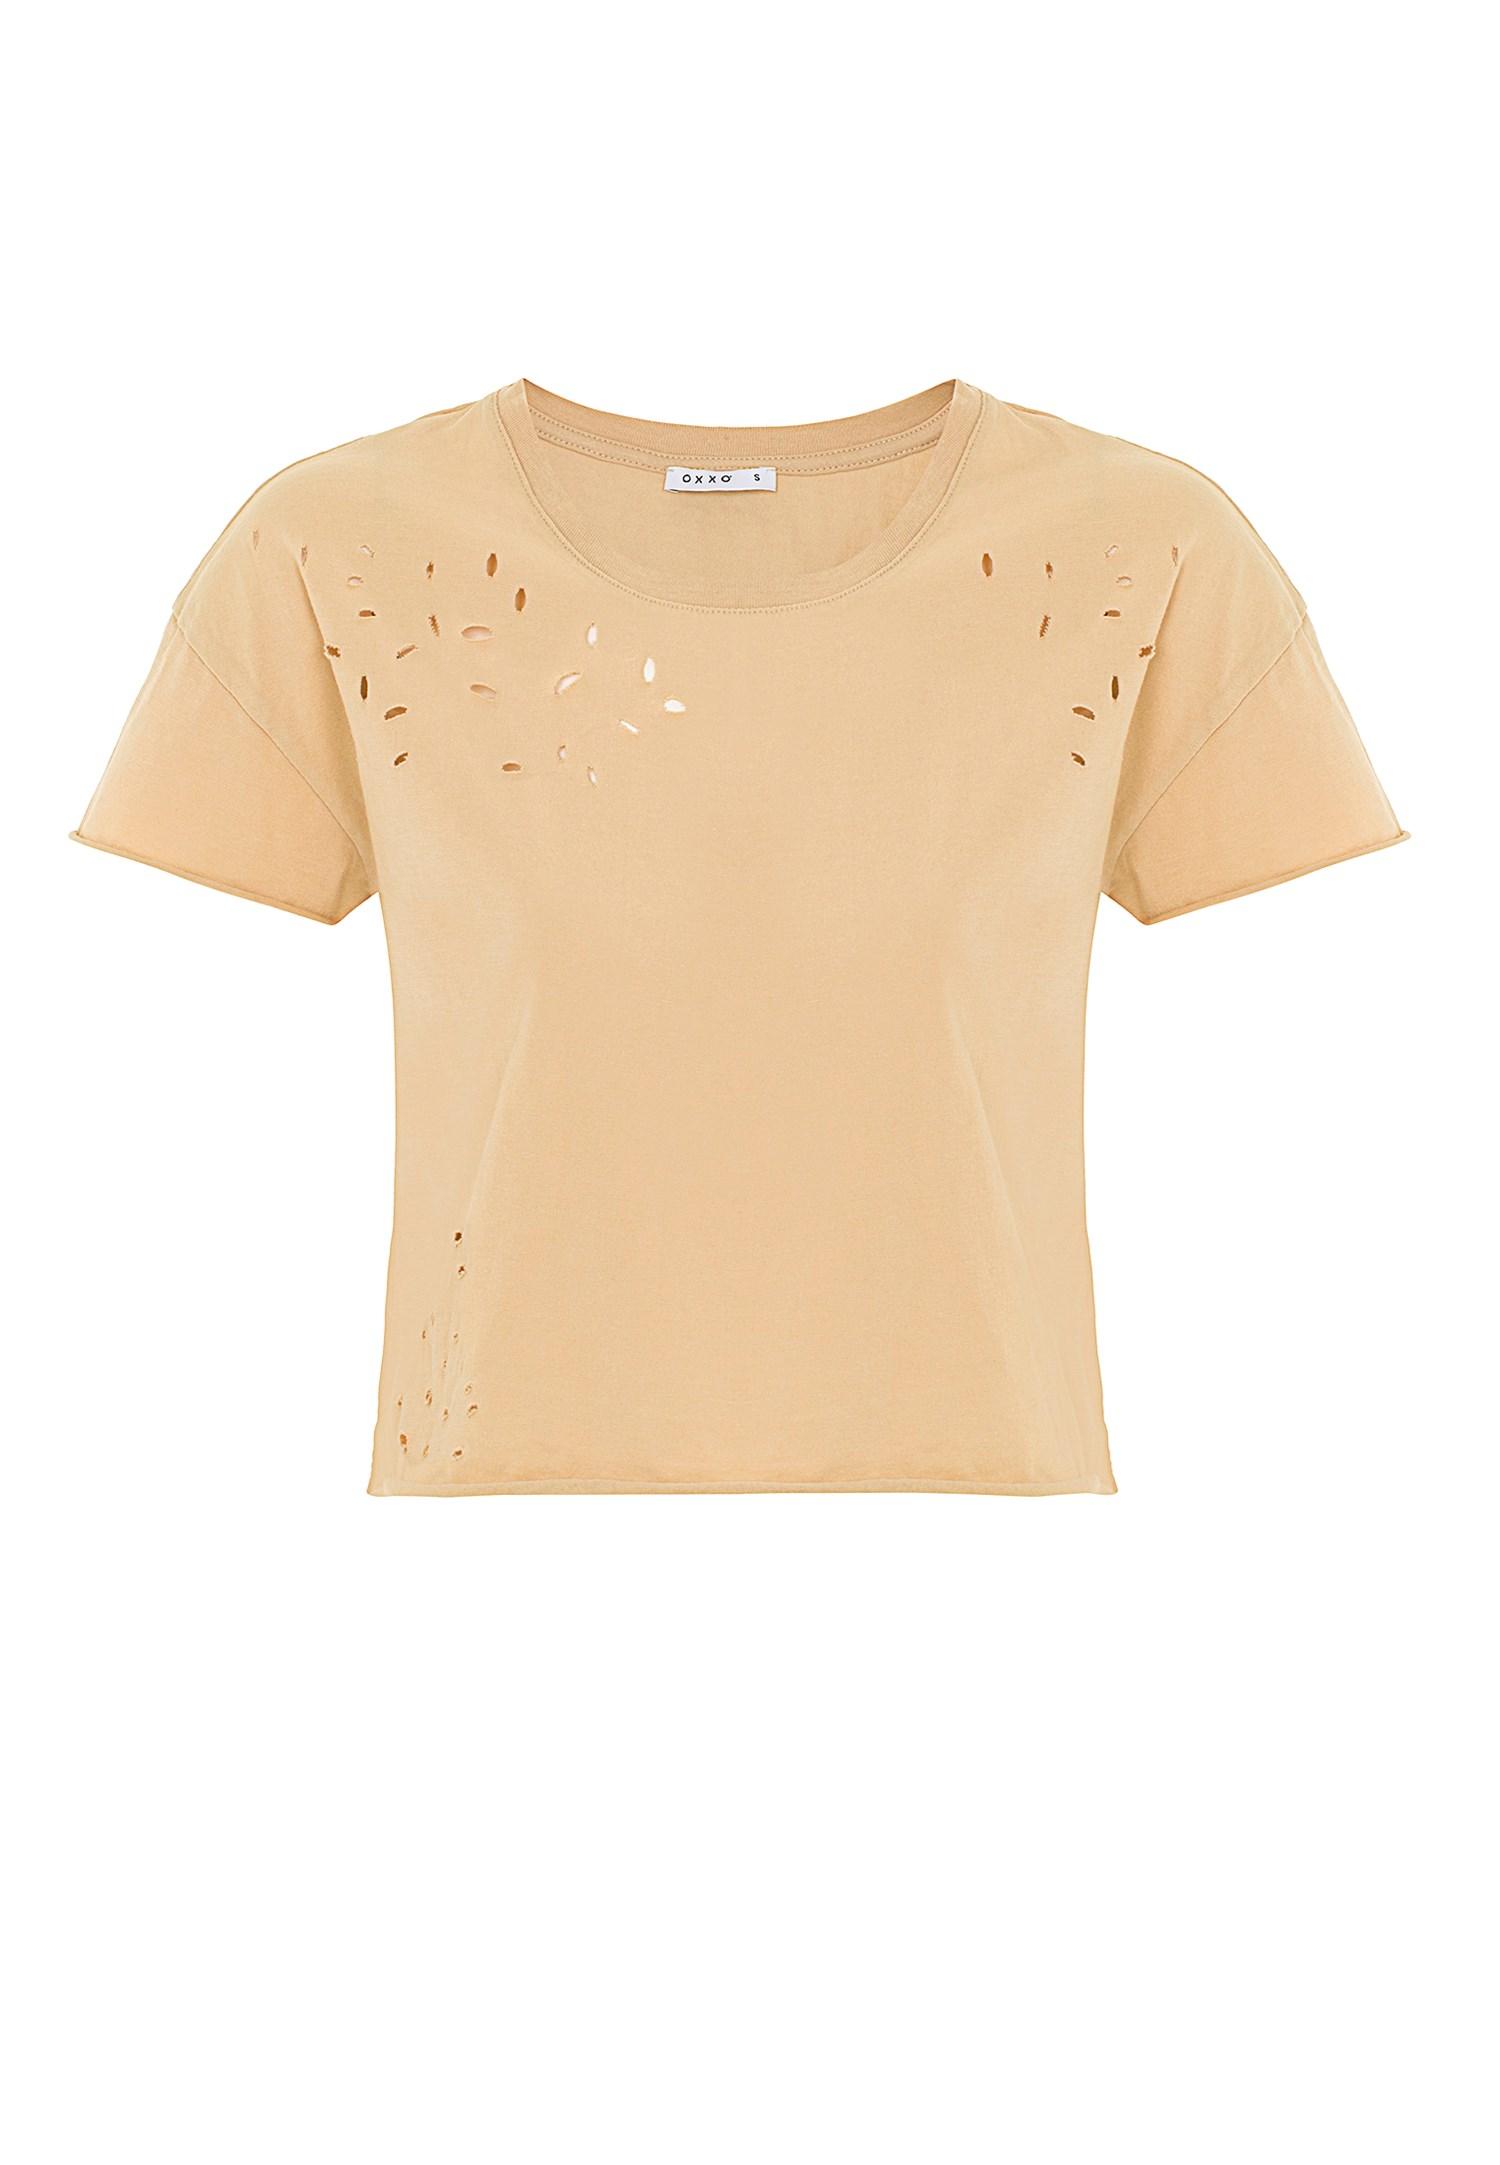 Bayan Krem Yırtık Detaylı Kısa Tişört